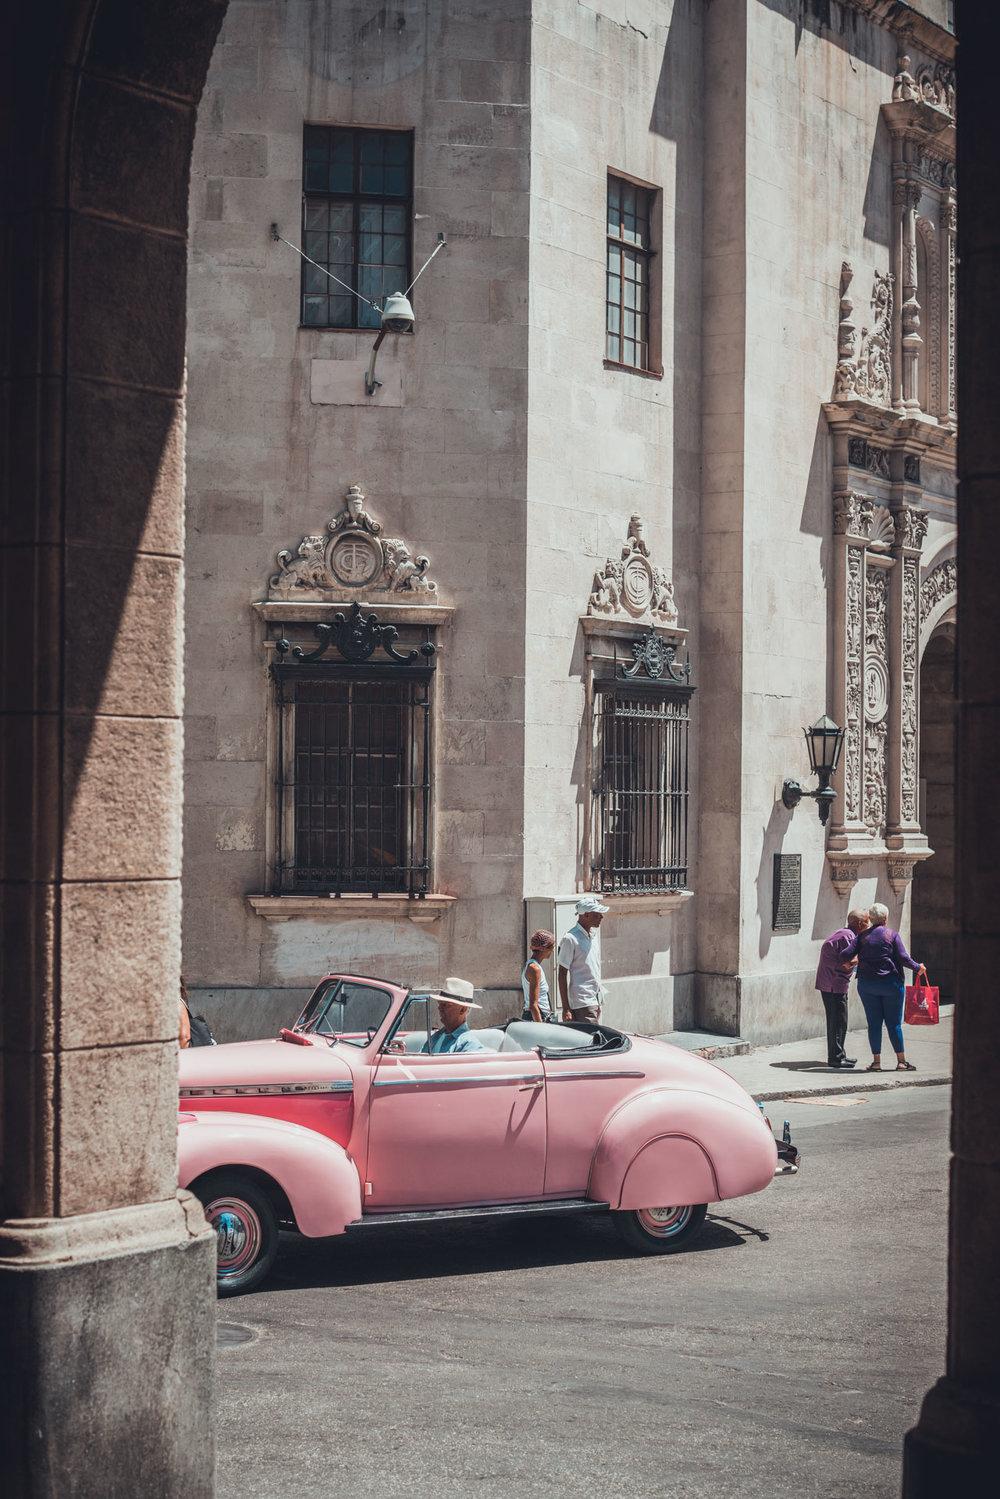 Cuba_StijnHoekstra-14.jpg